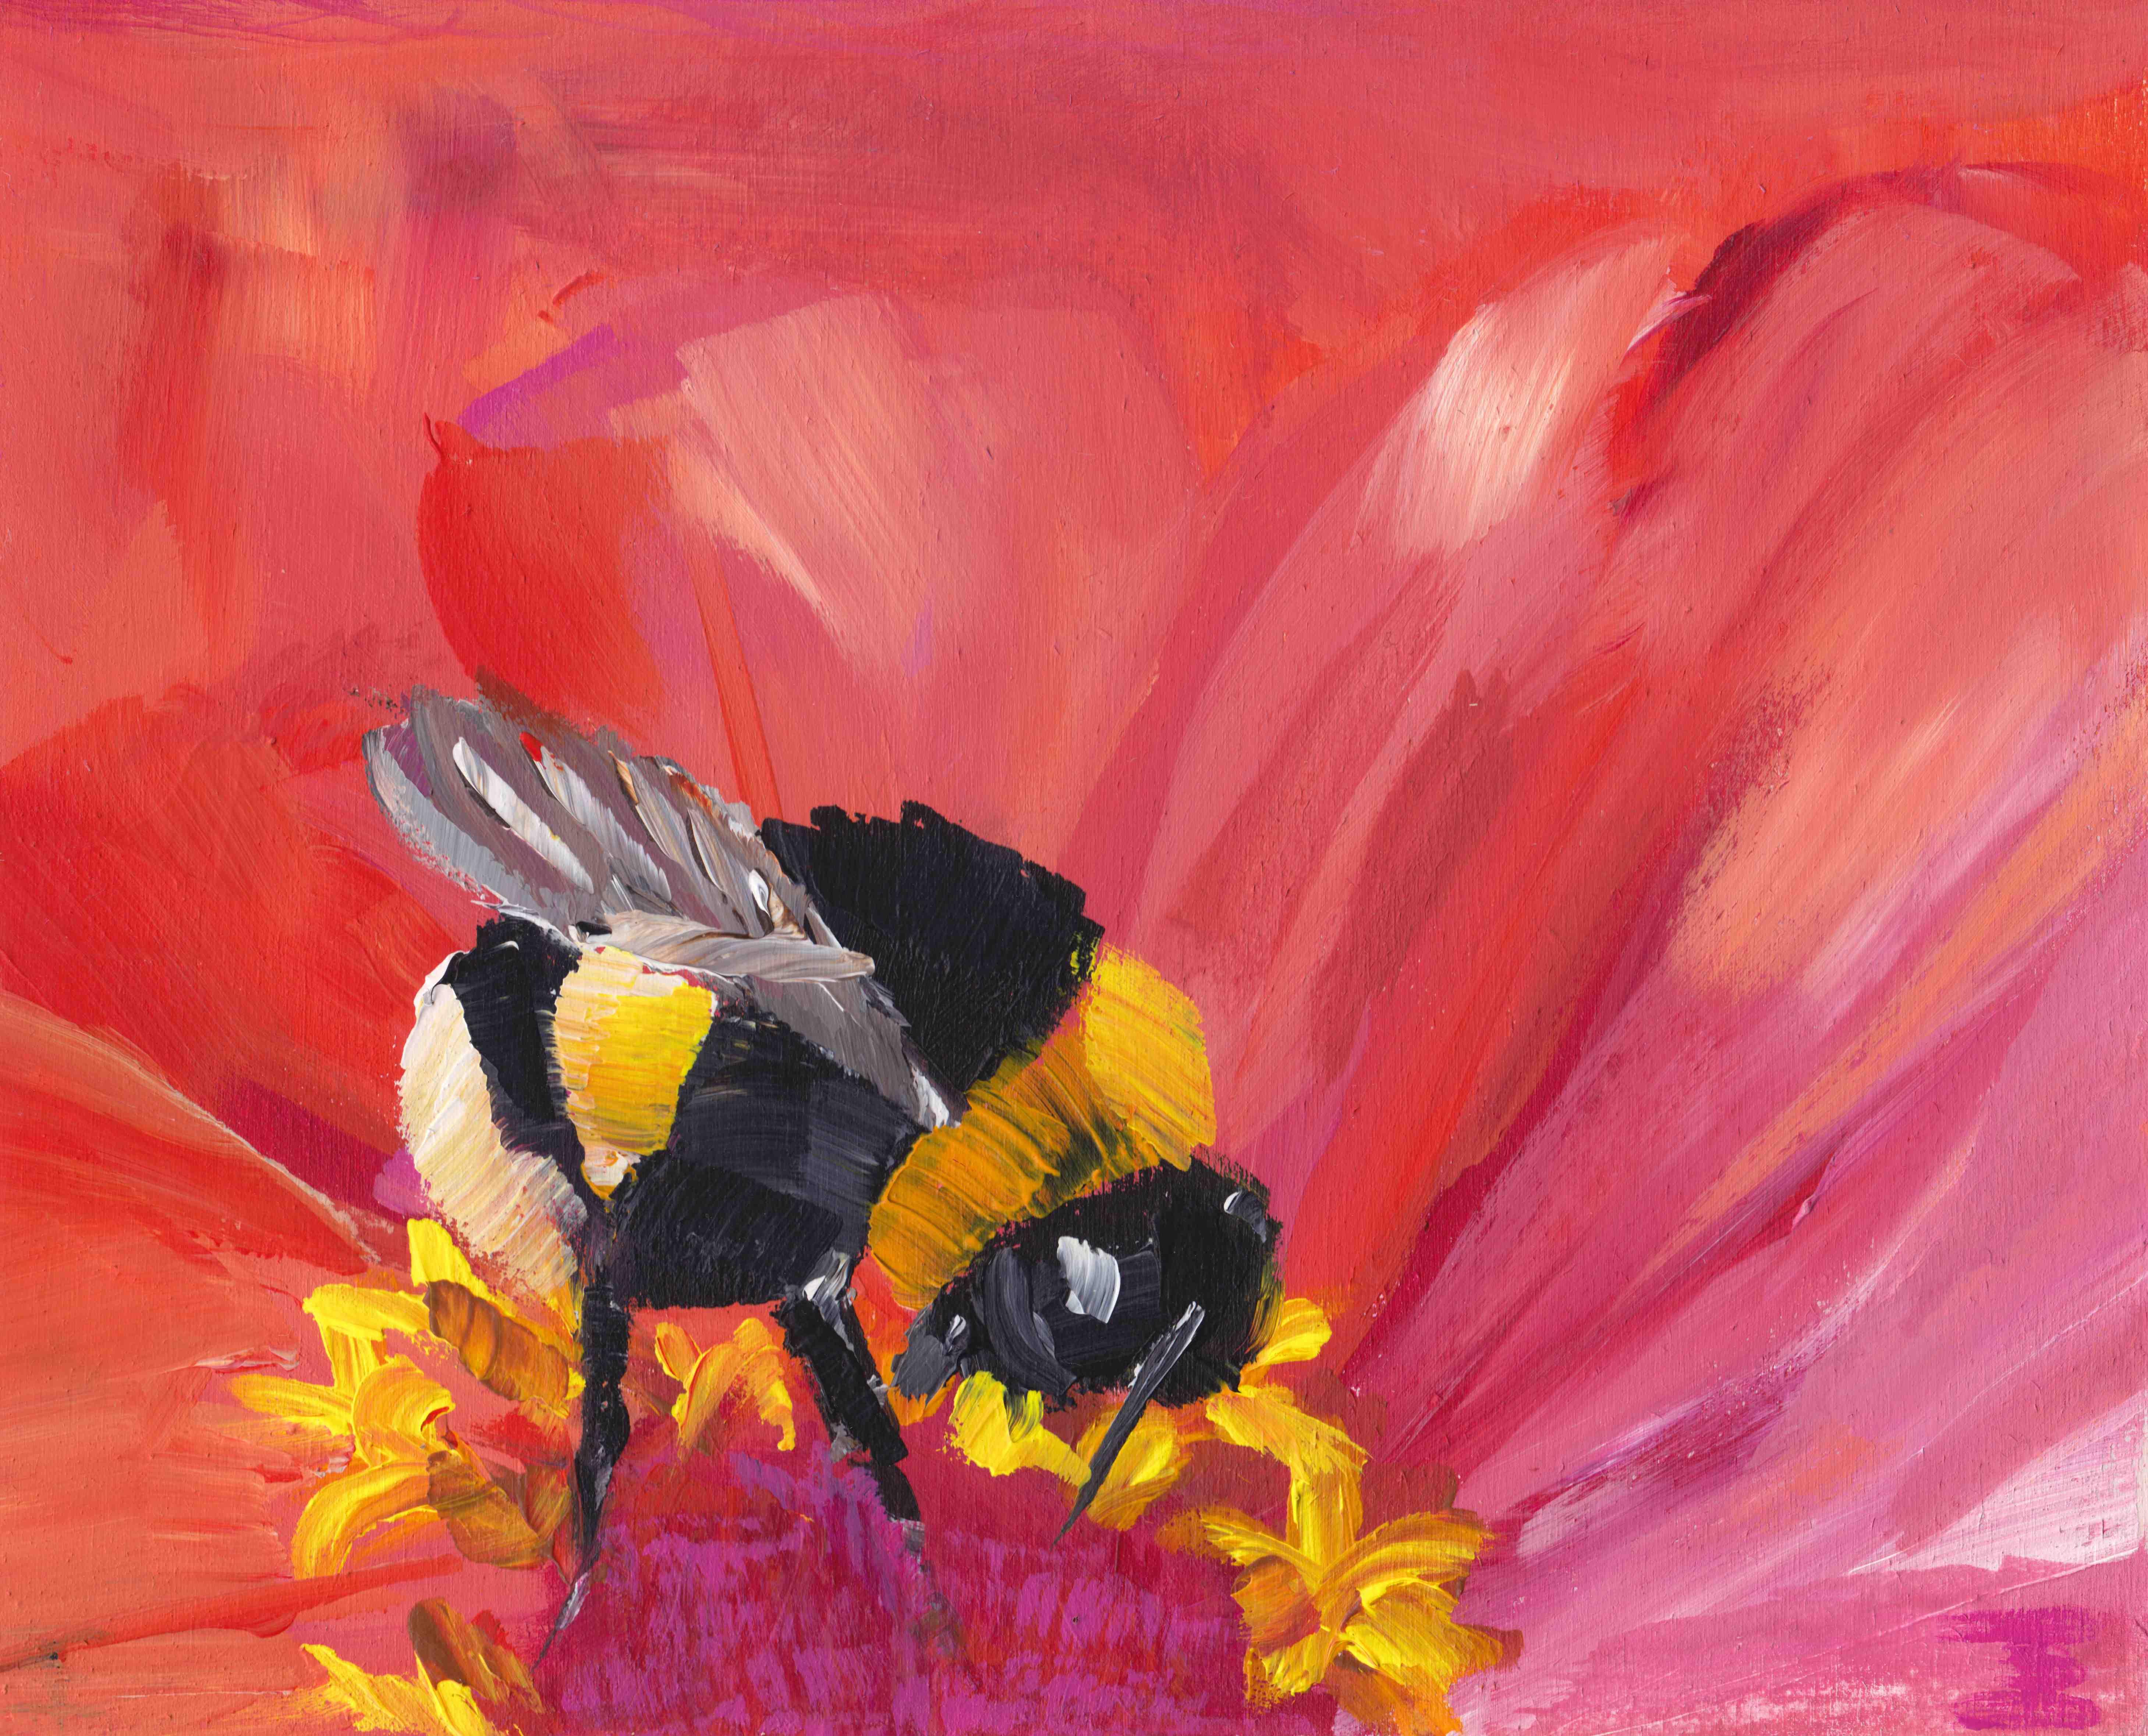 Bumblebee Feast